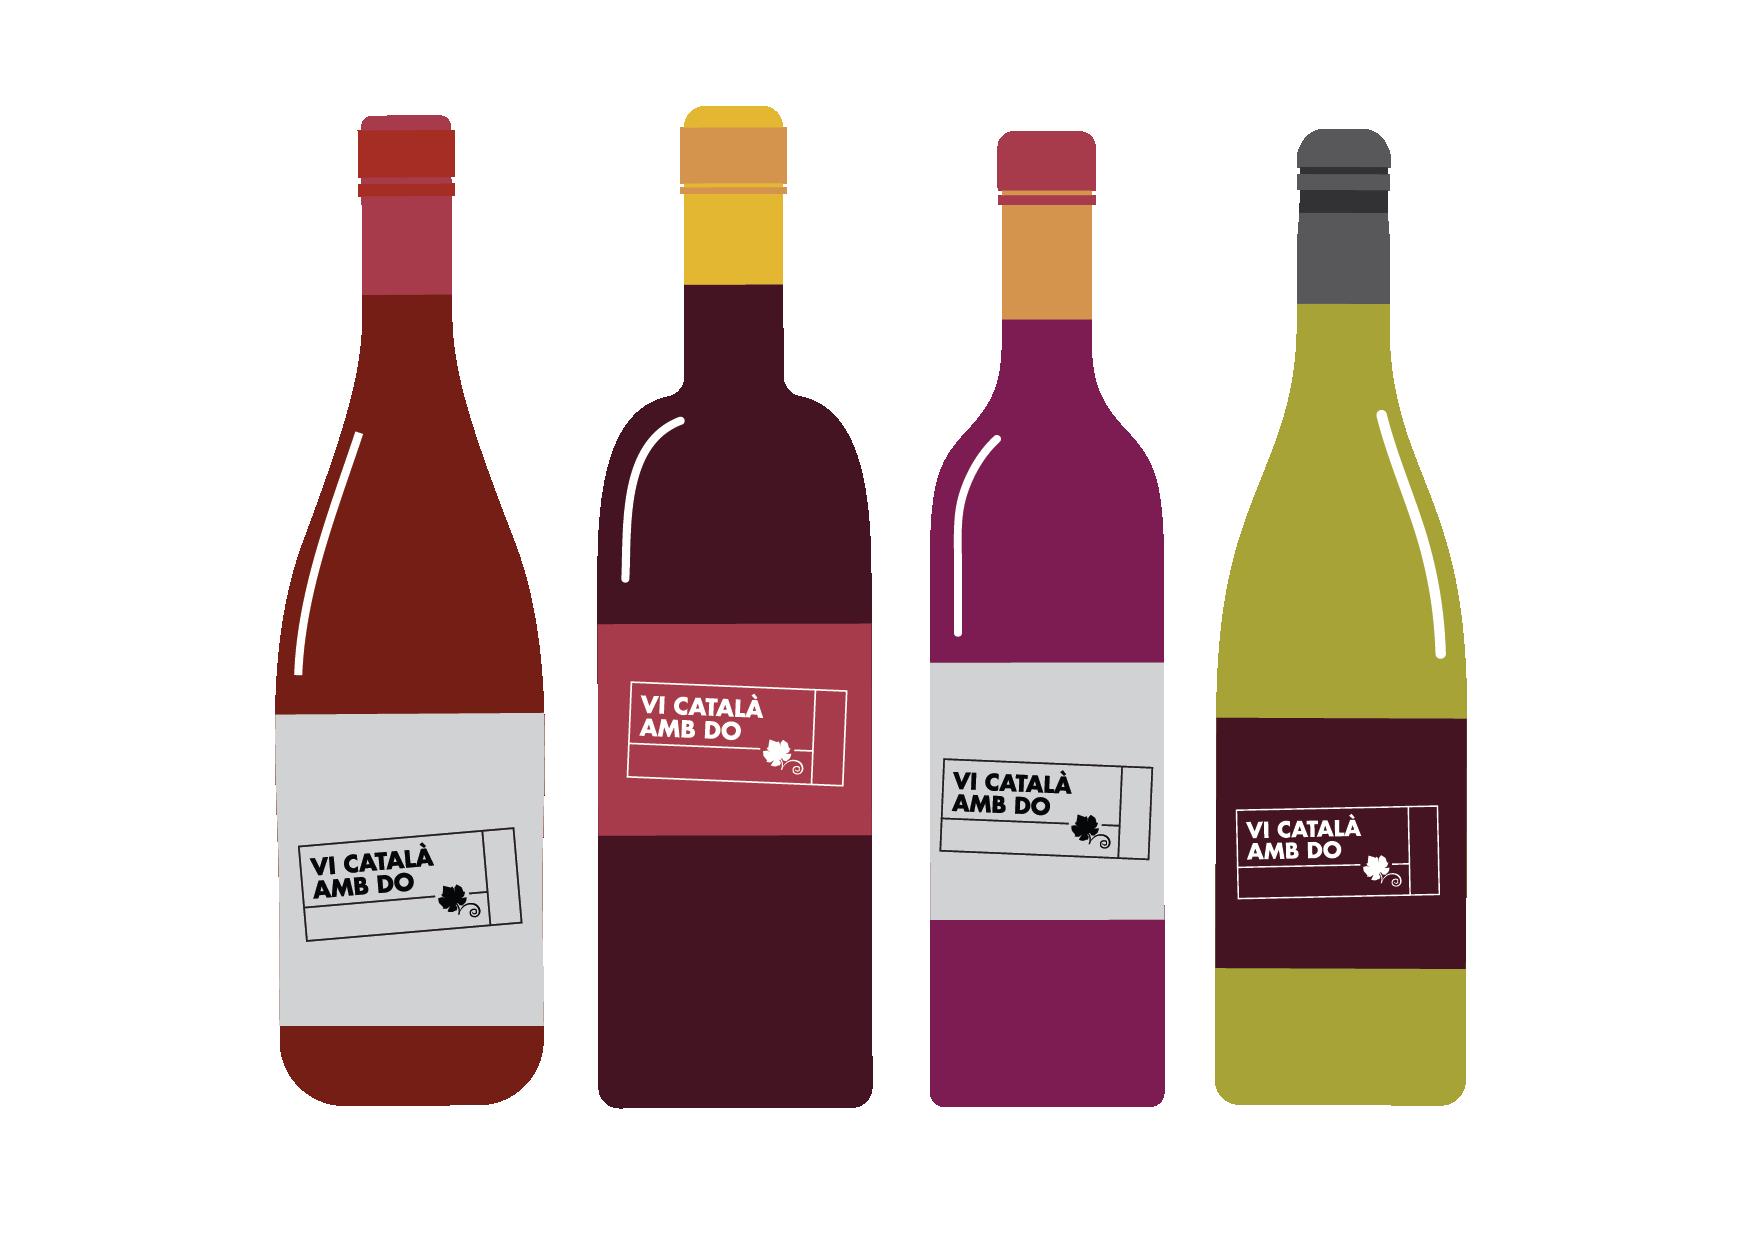 El concurs per dissenyar etiquetes de vi català amb DO aconsegueix més de 1.500 votacions en dos dies